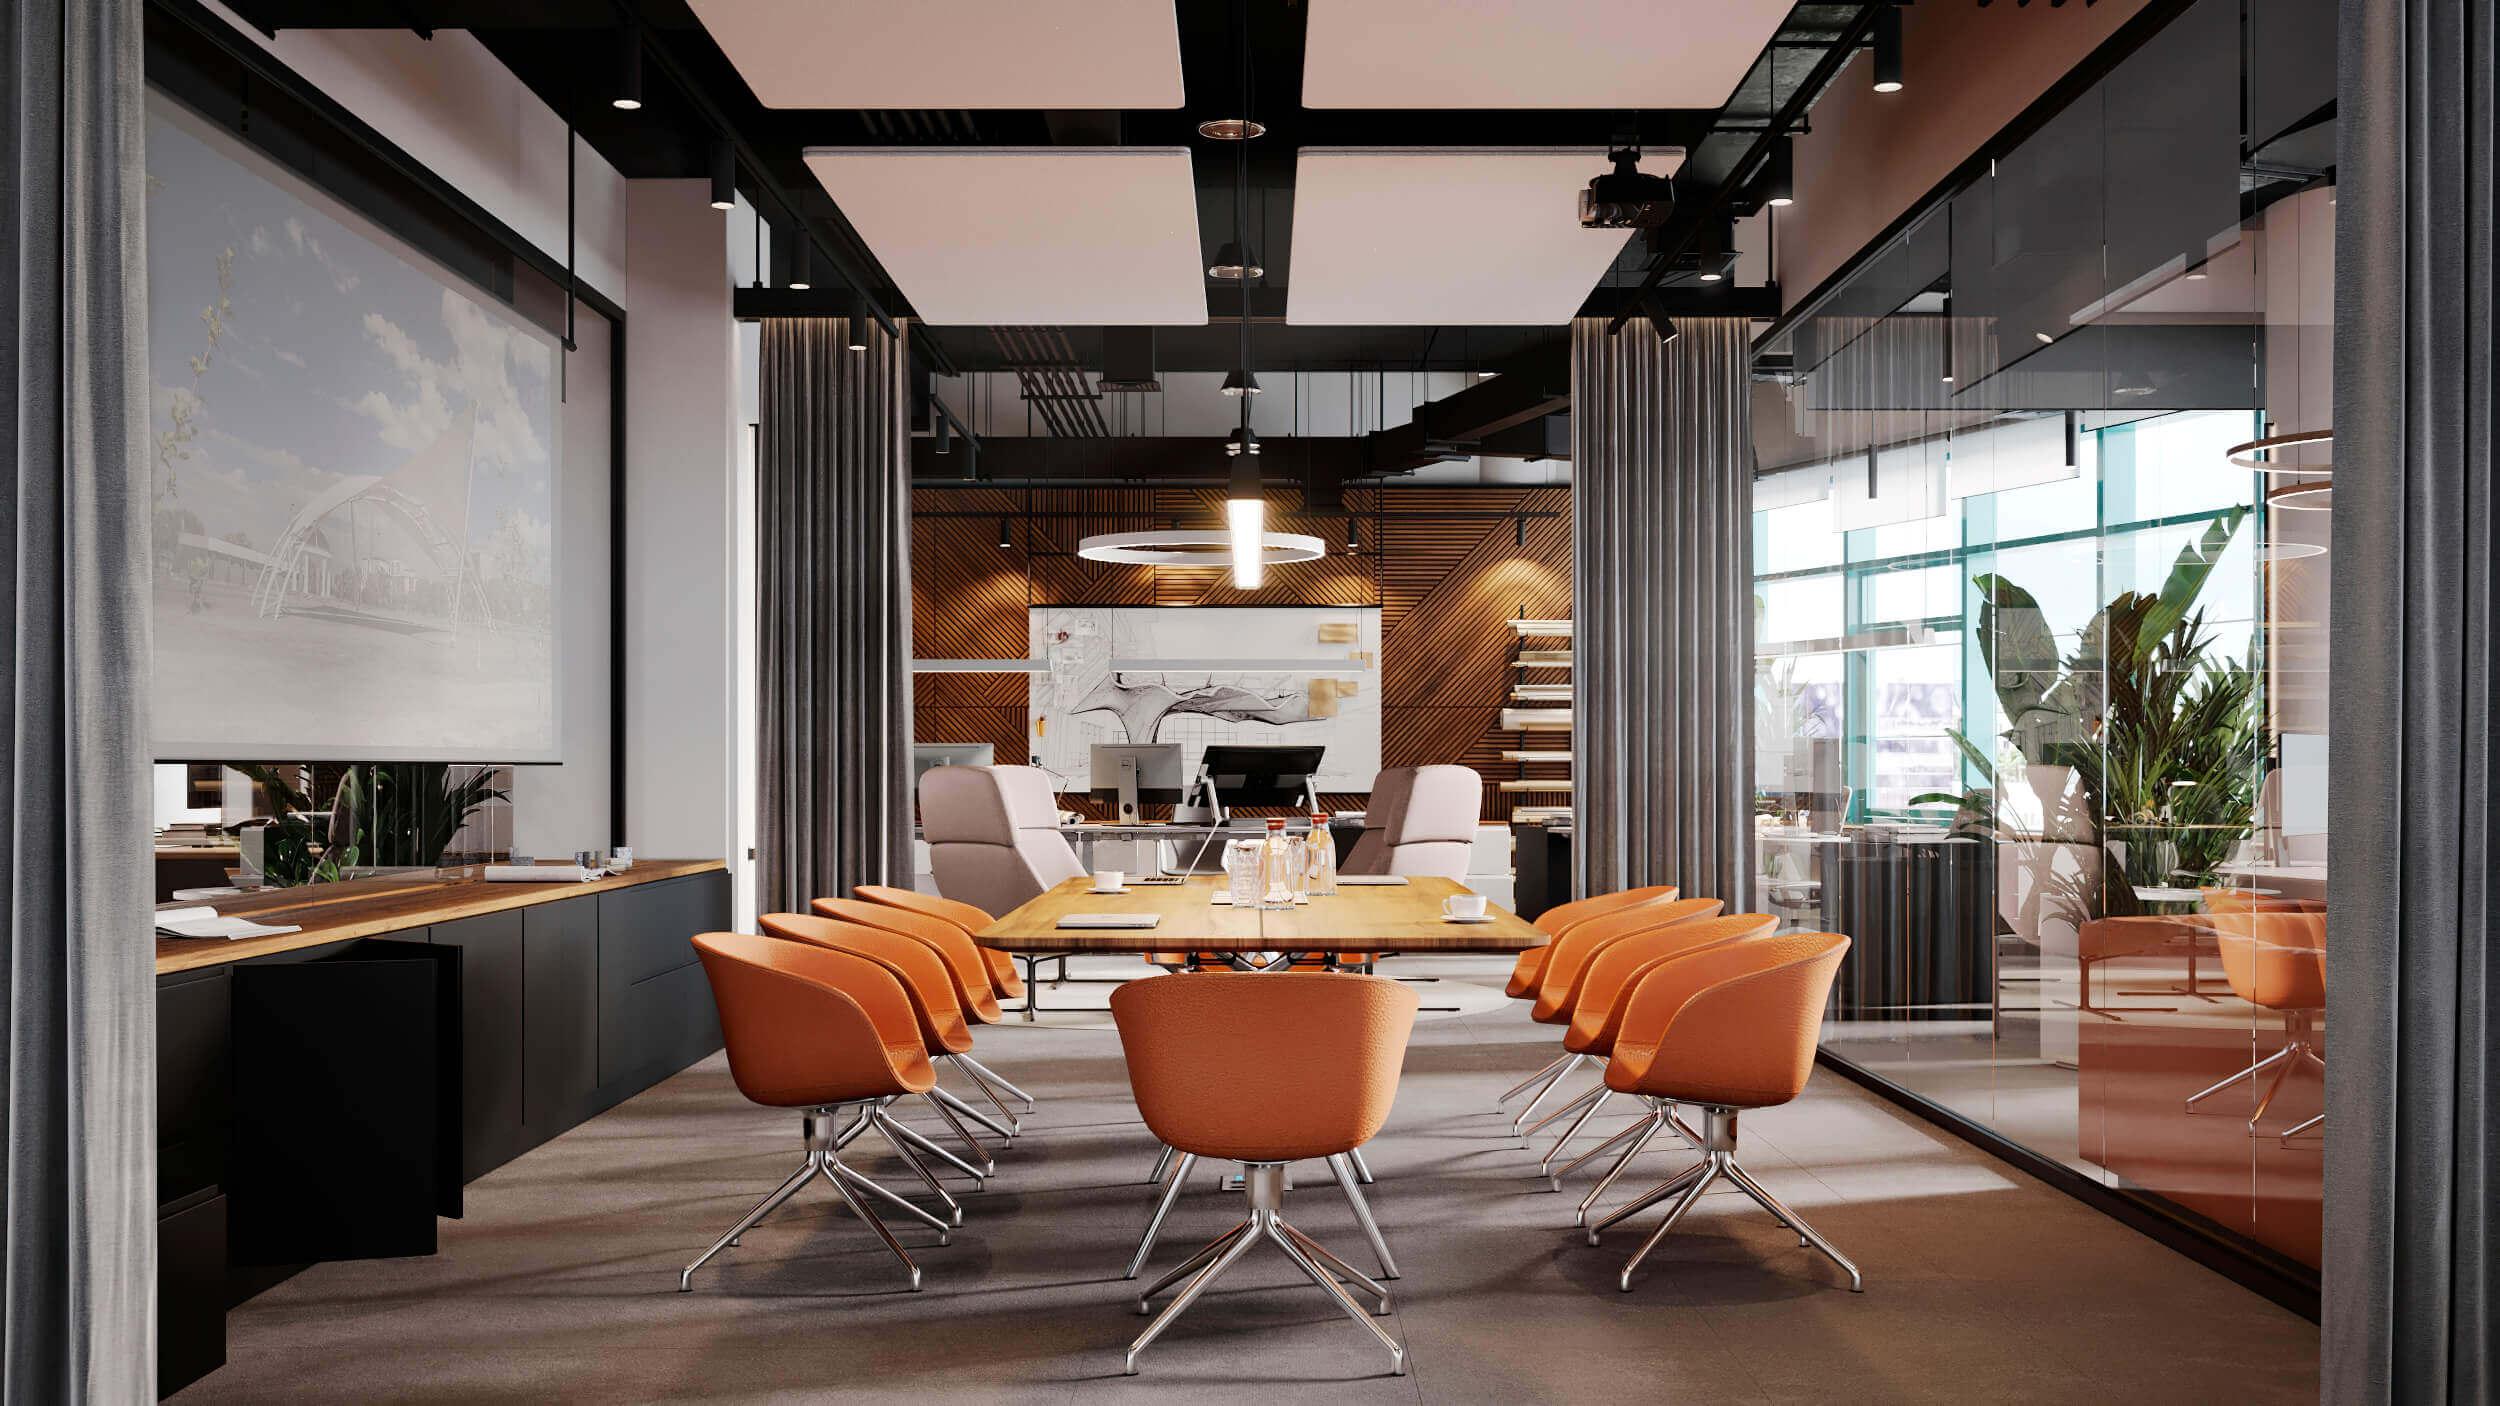 Bürogebäude in 3D dargestellt